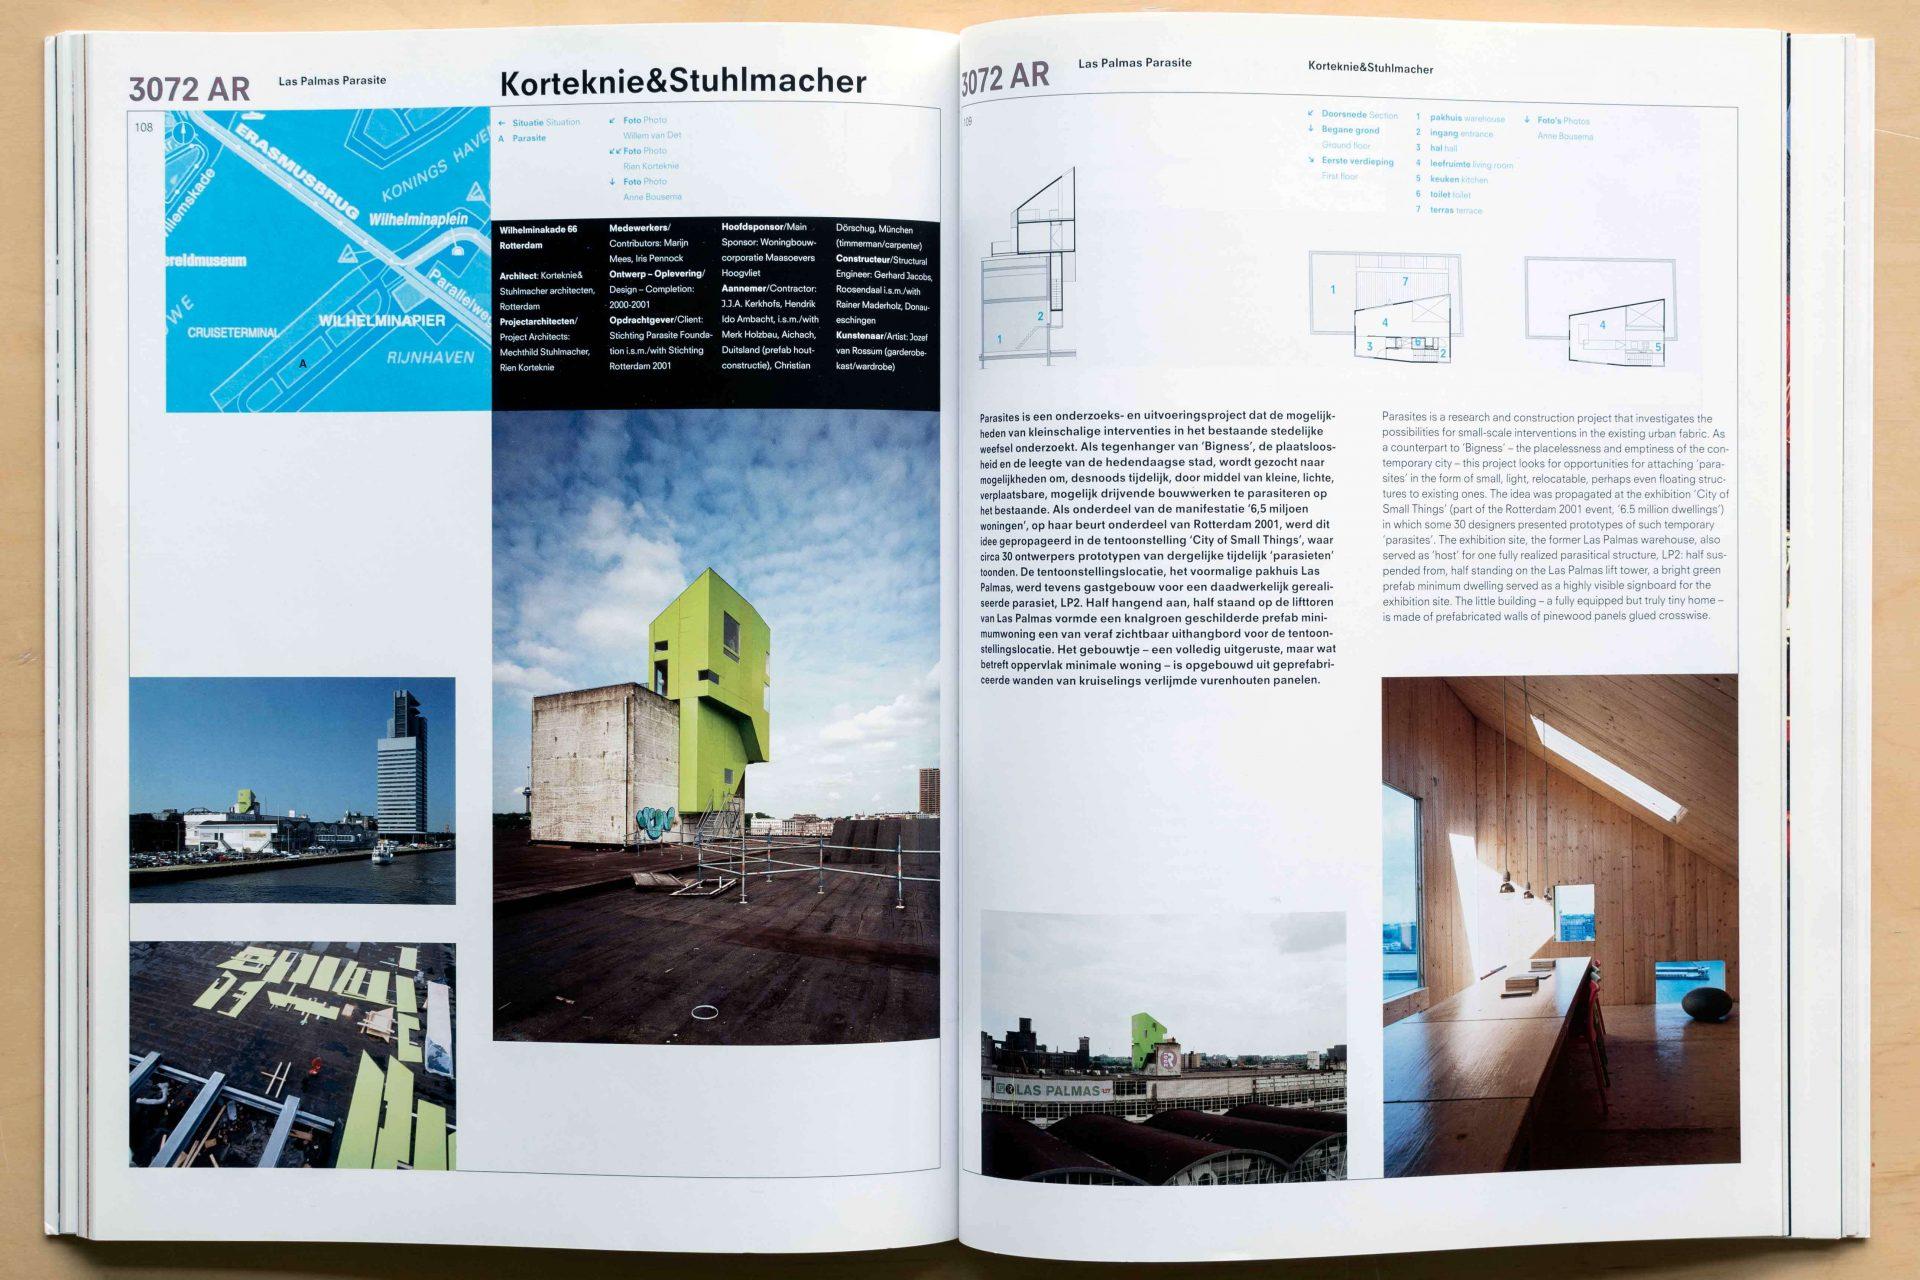 Jaarboek 2002 Dsc 4872